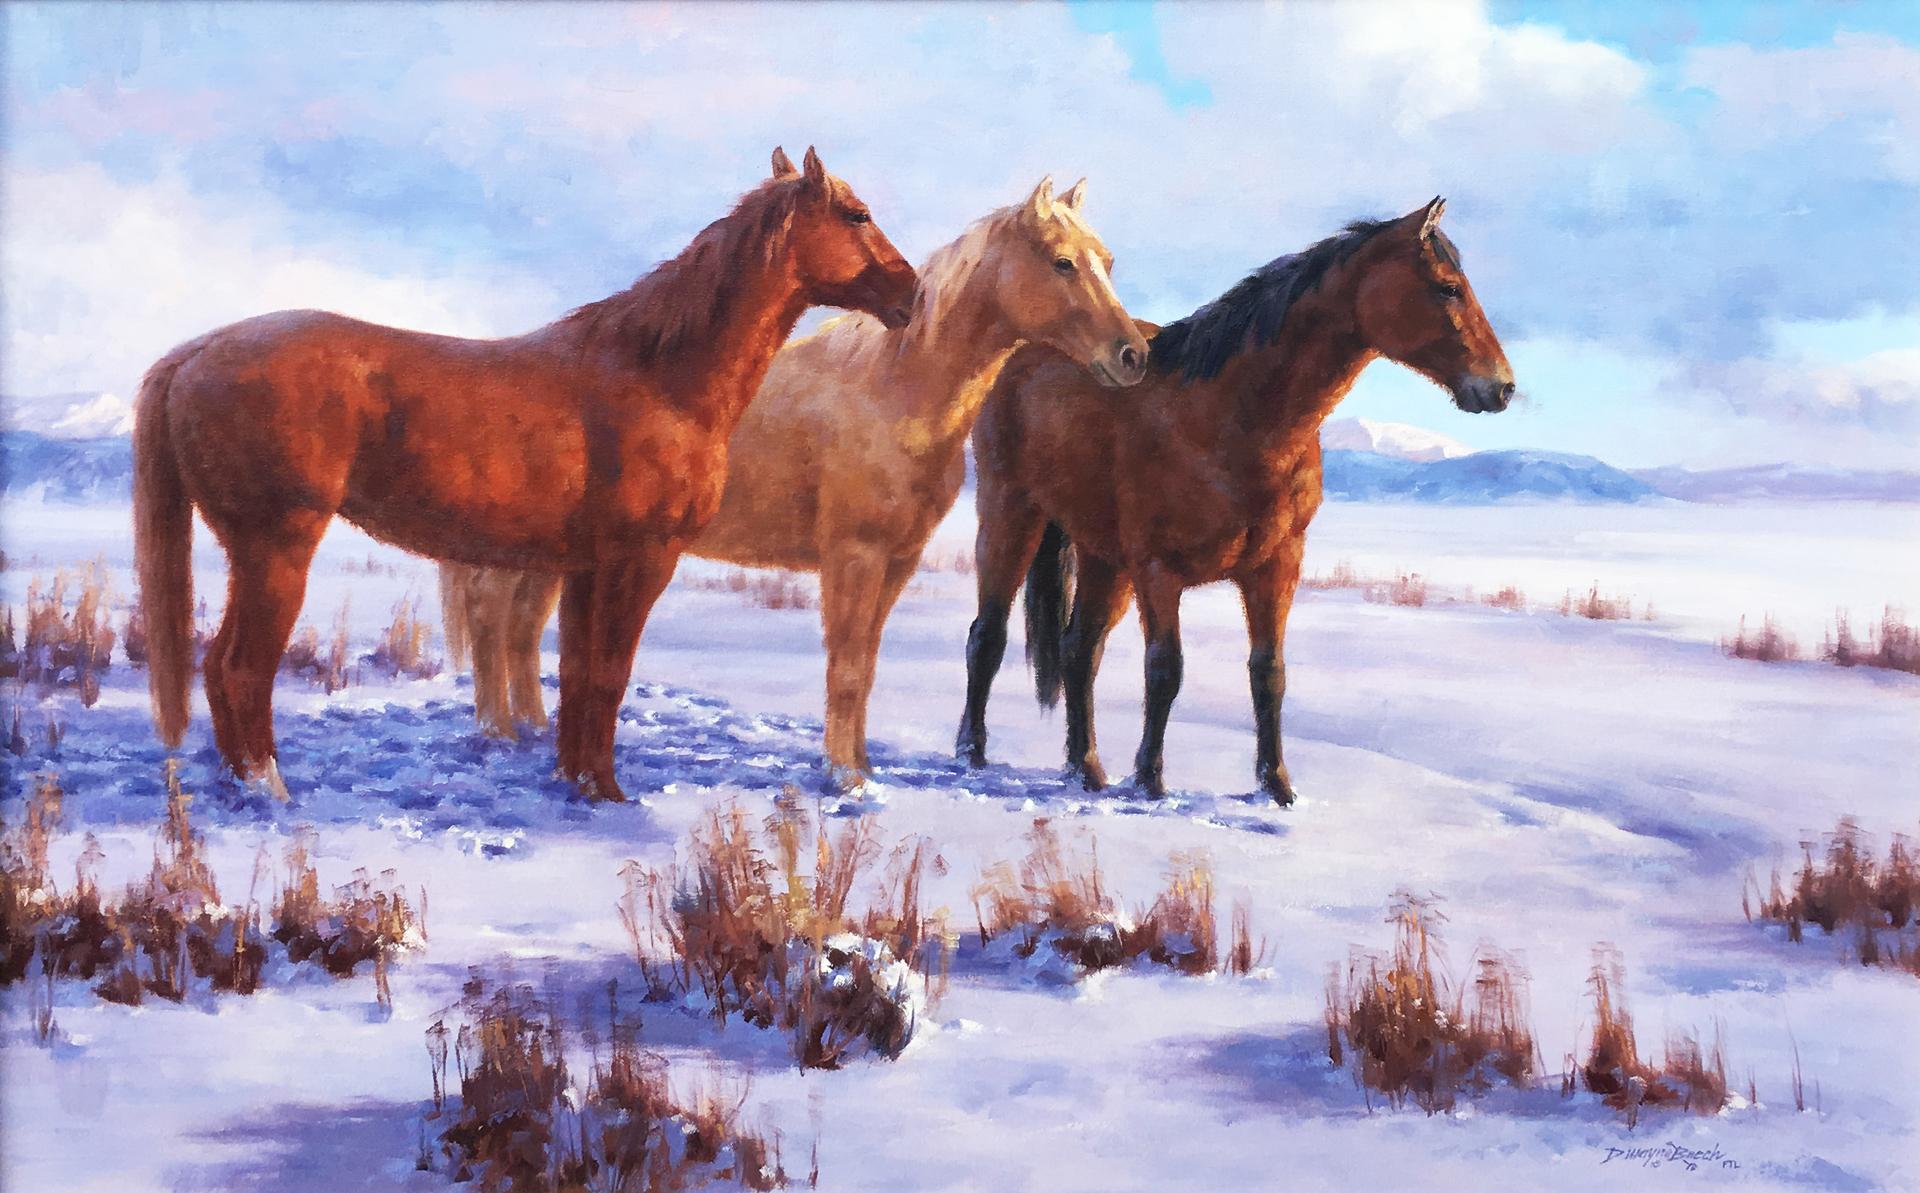 Pasture Pals (Horses) by Dwayne Brech